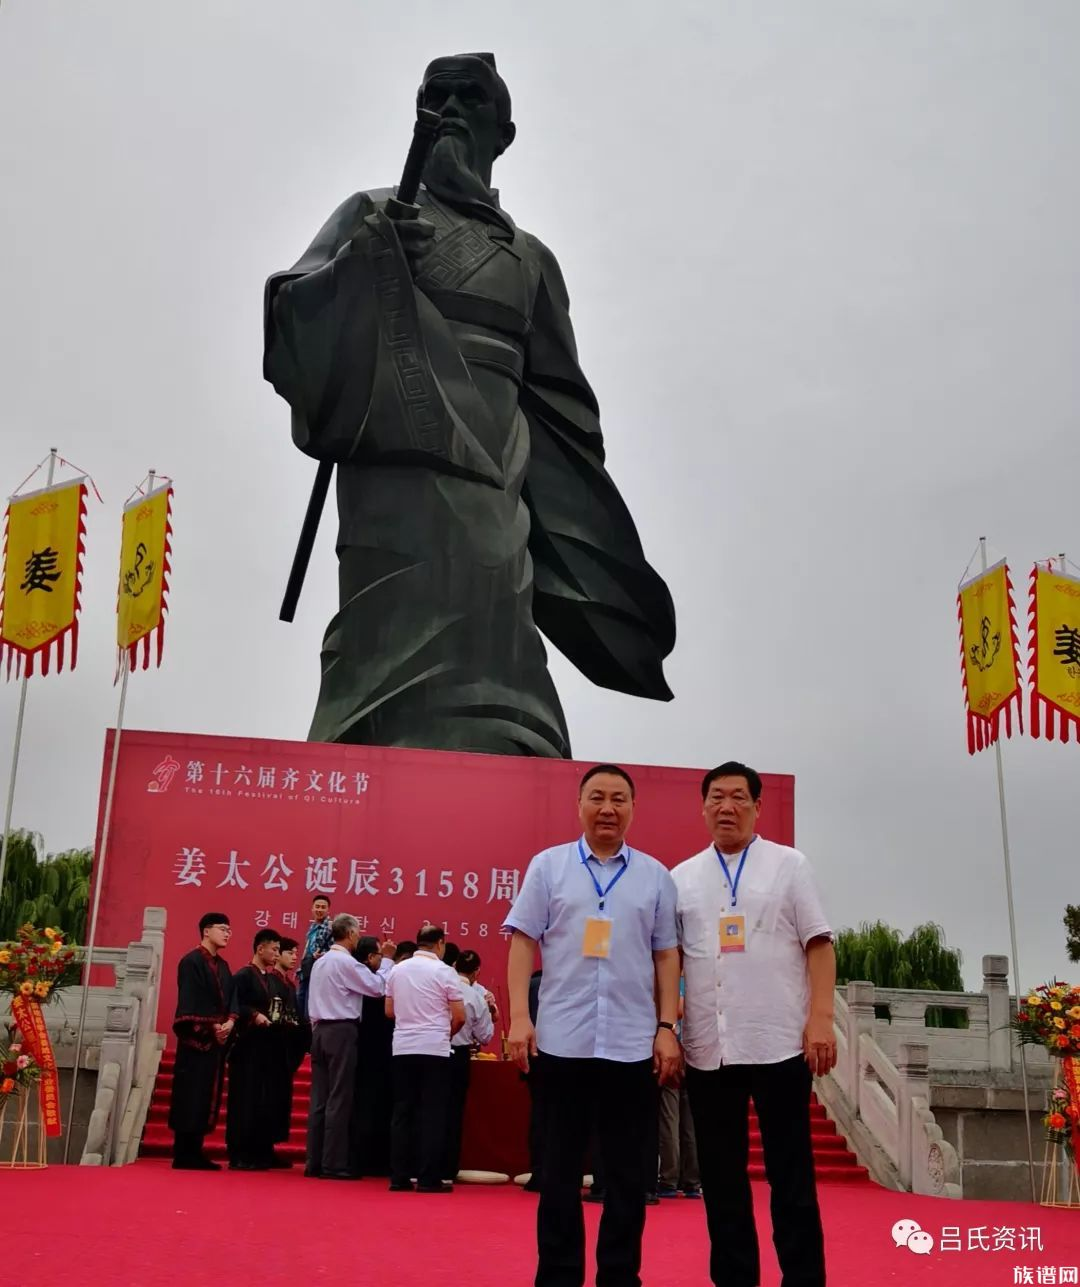 吕氏宗亲代表参加第十六届文化节